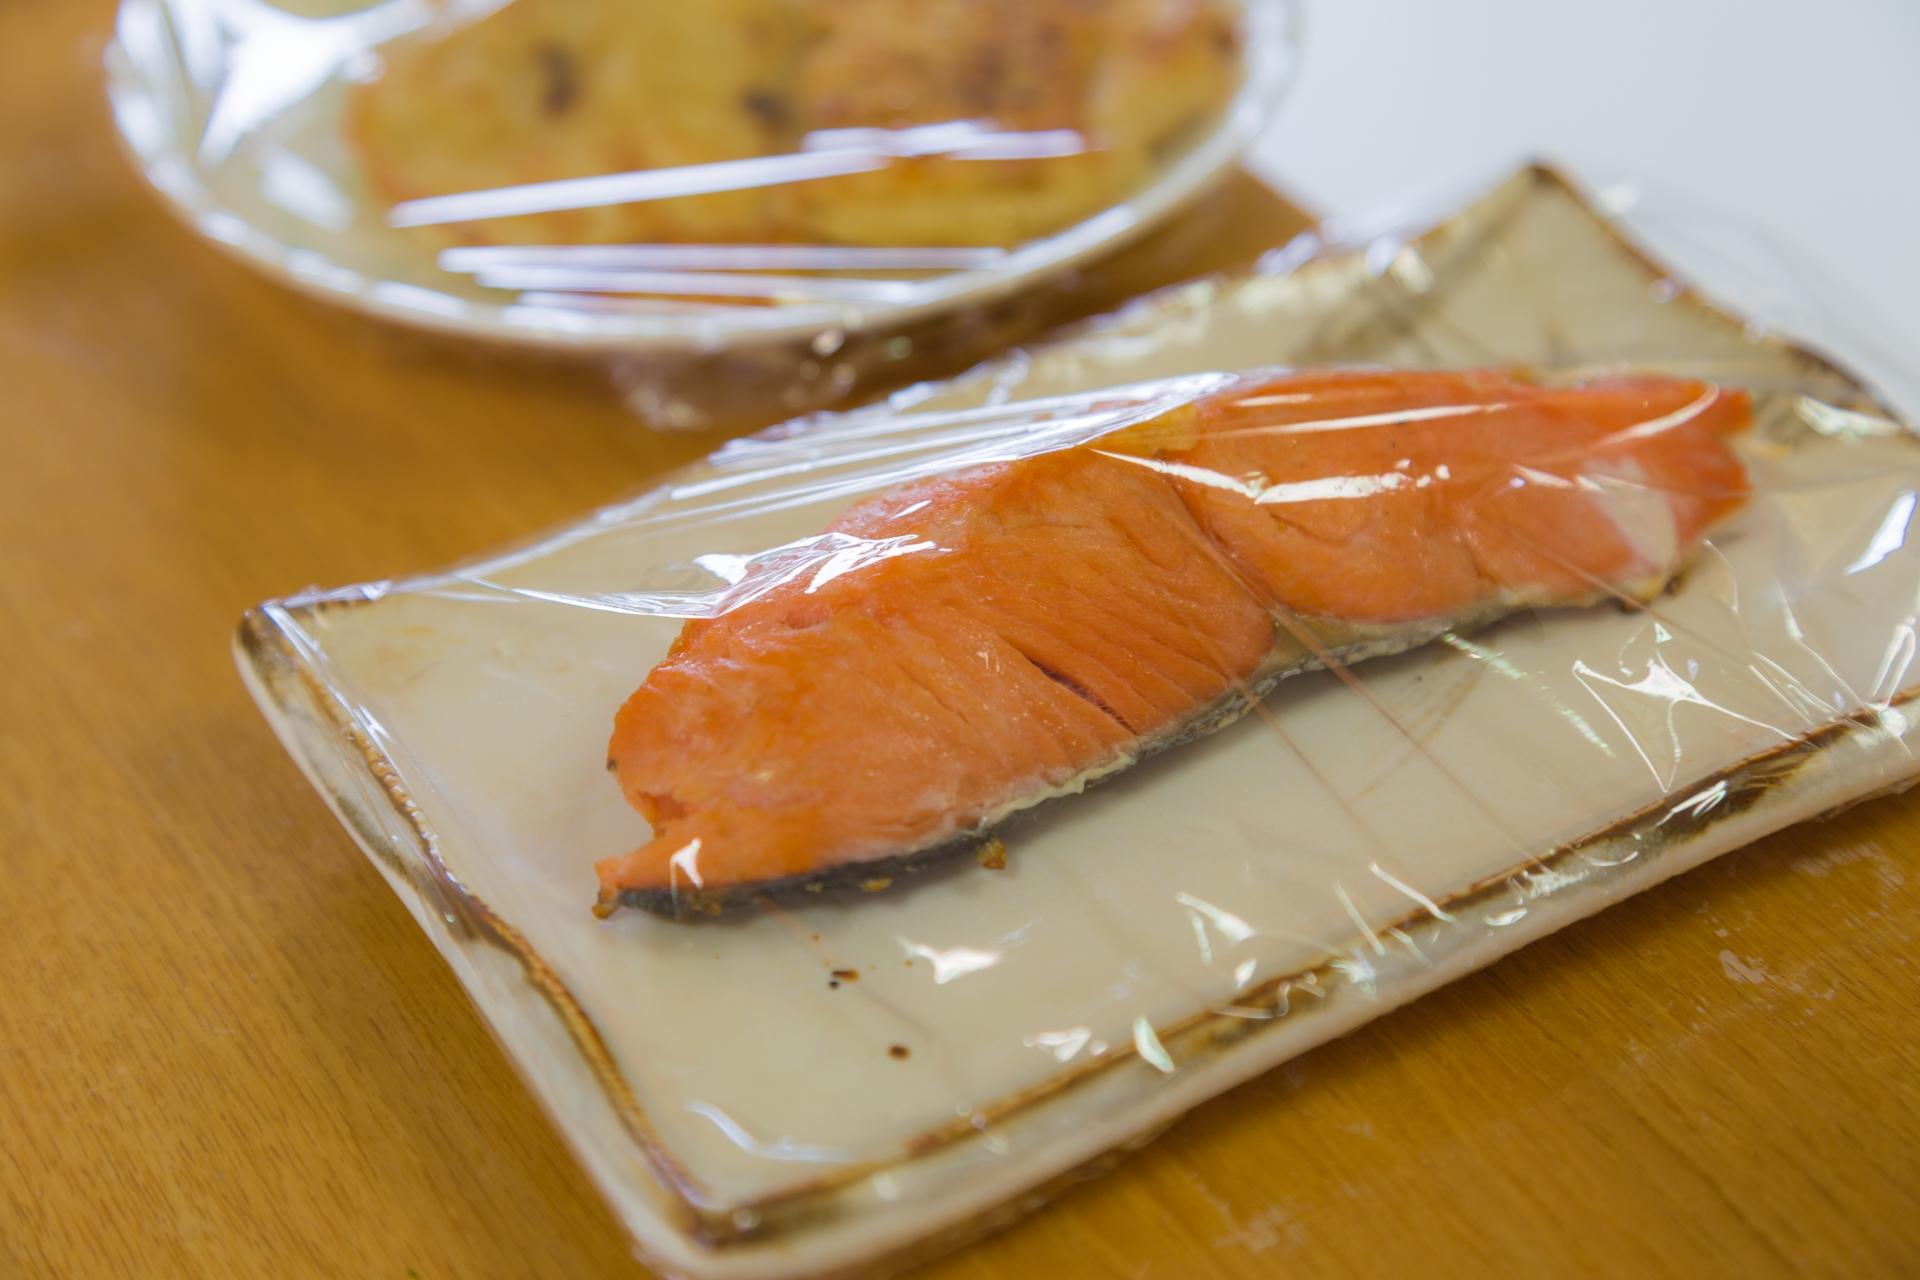 キッチンラップの選び方&おすすめ4選【食品の保存に!】